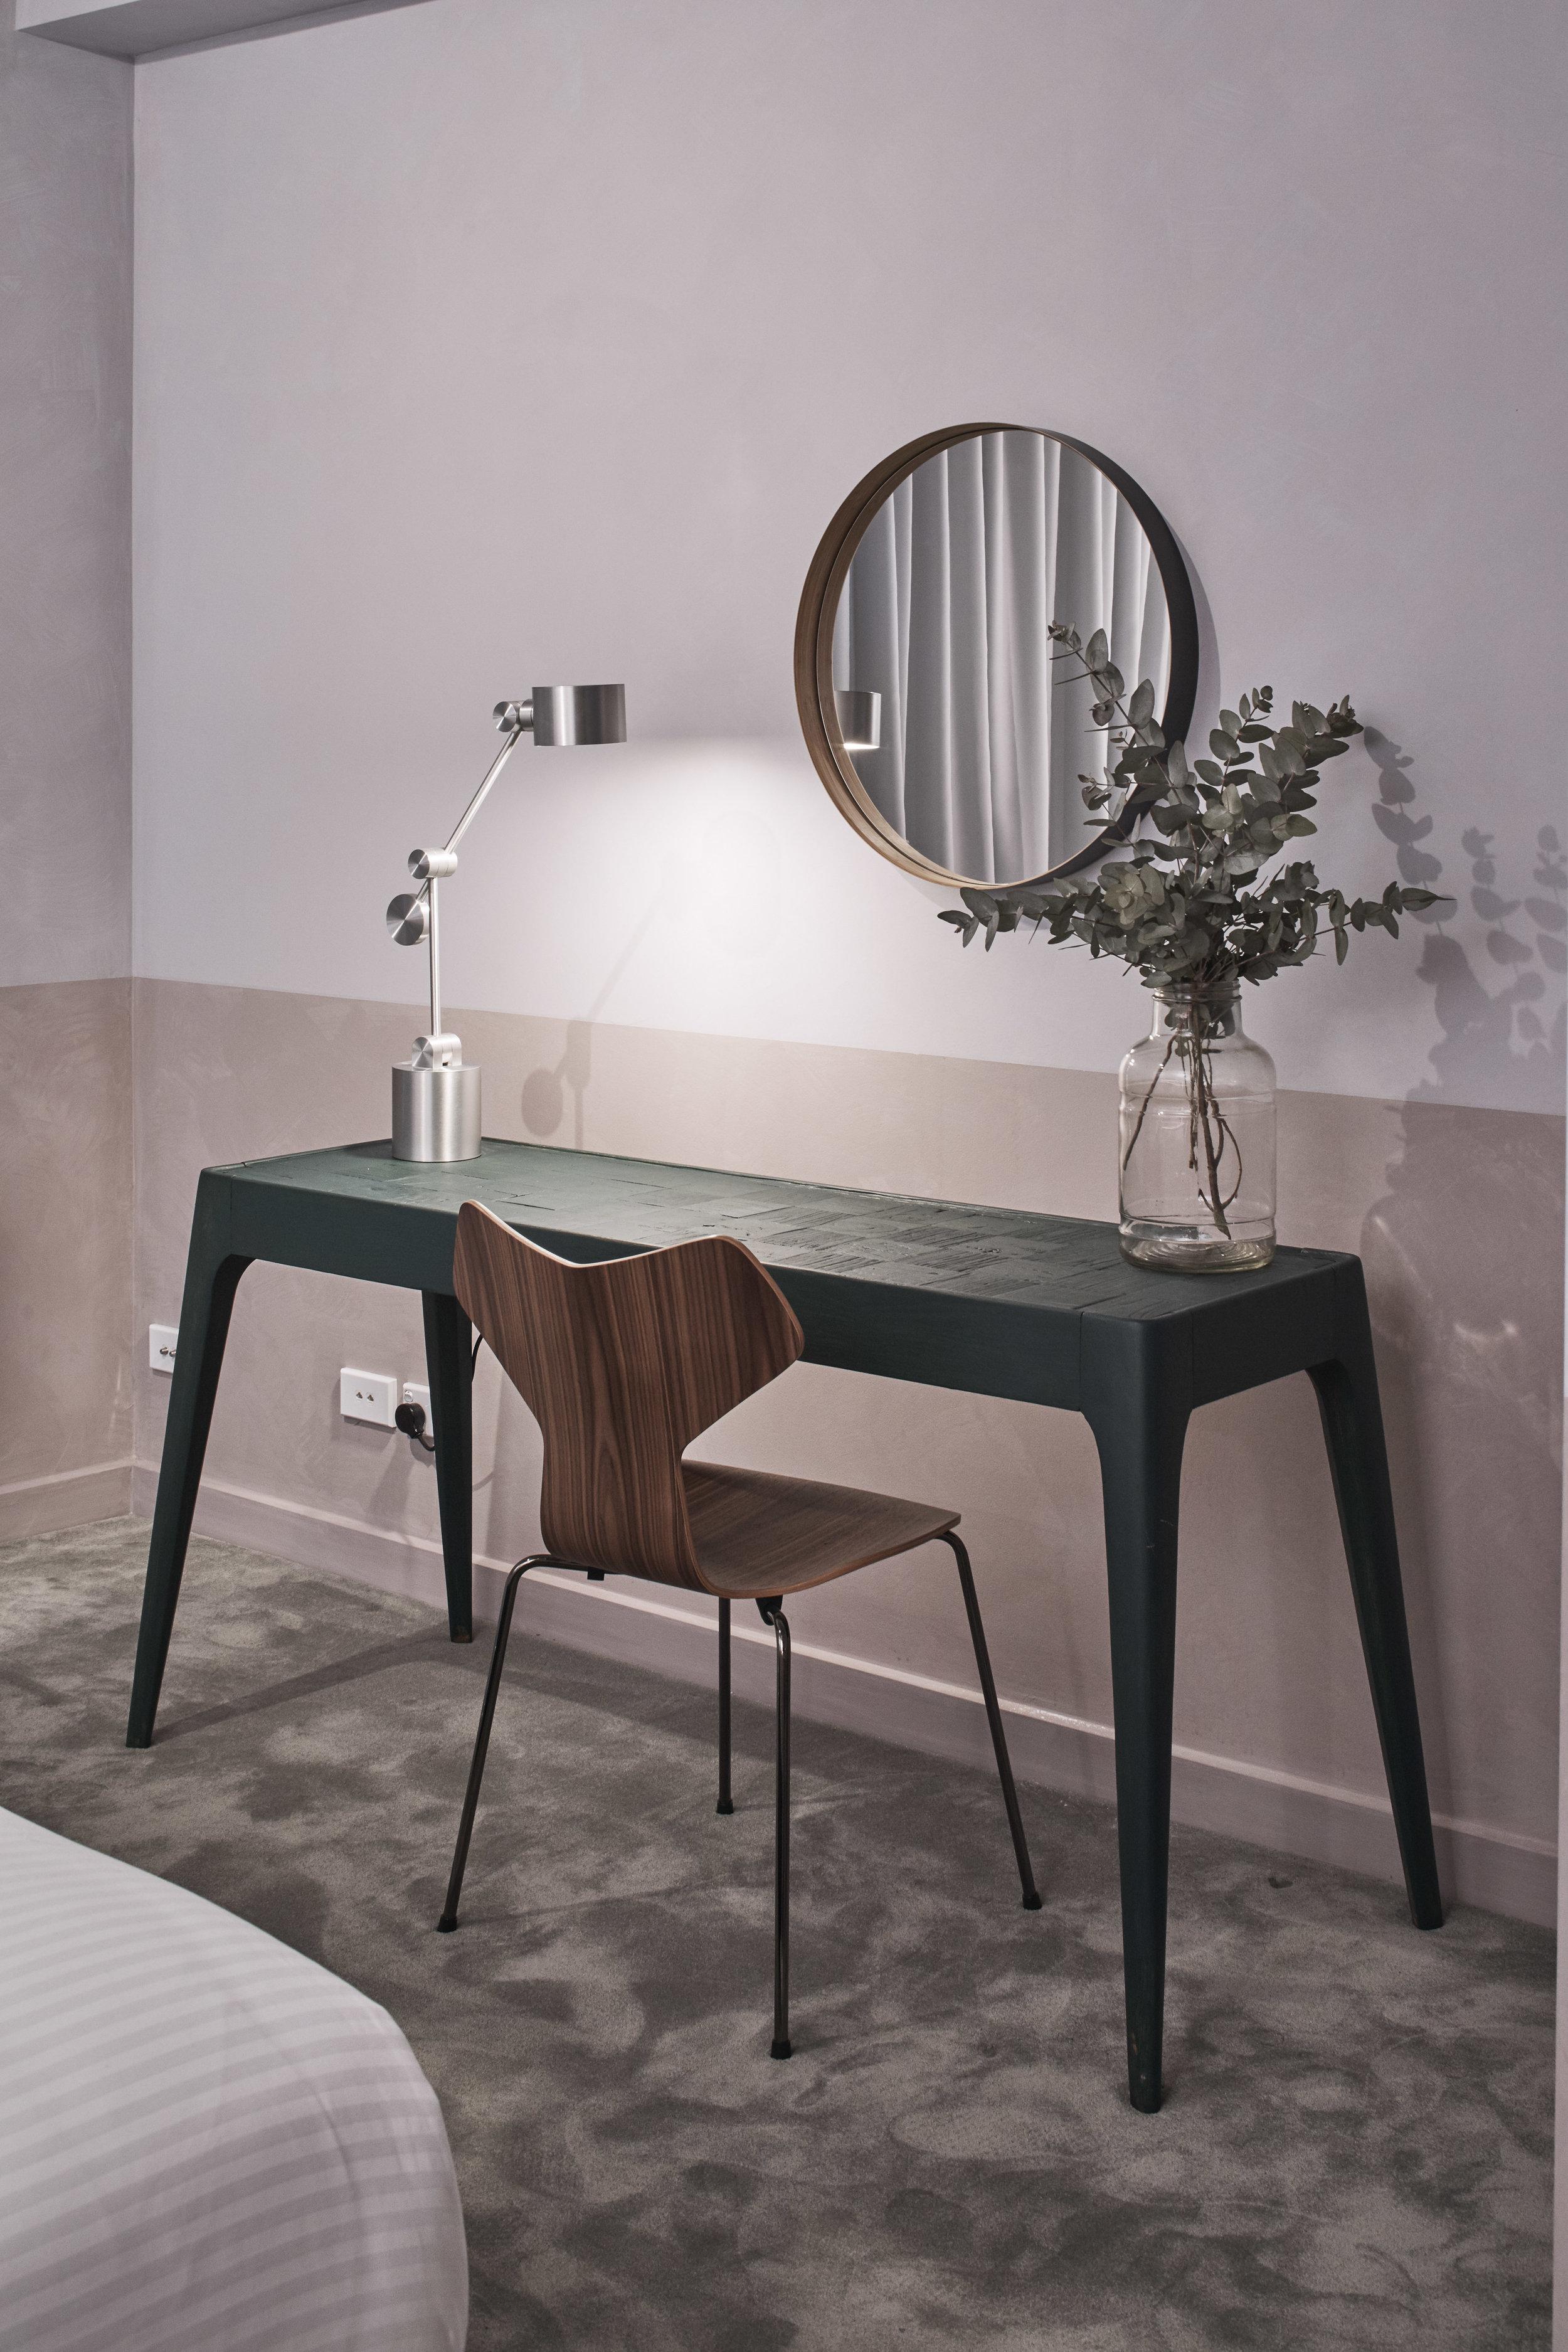 Celeste room by Pattern Studio